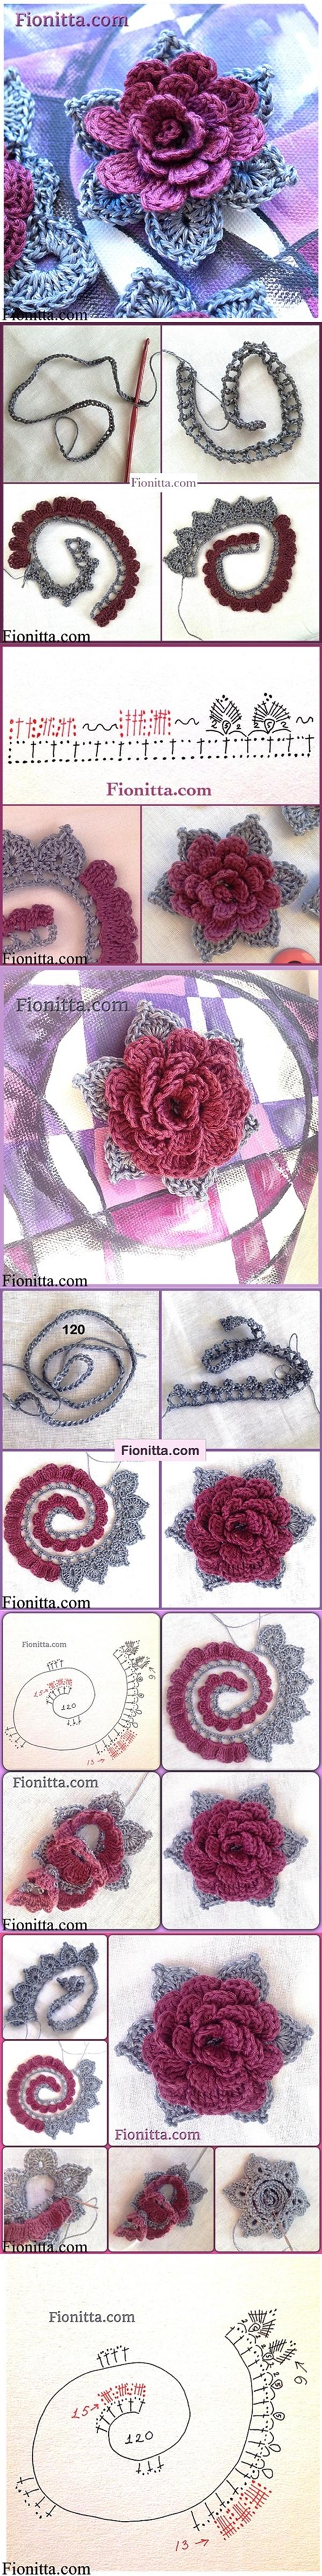 crochet-rose-3